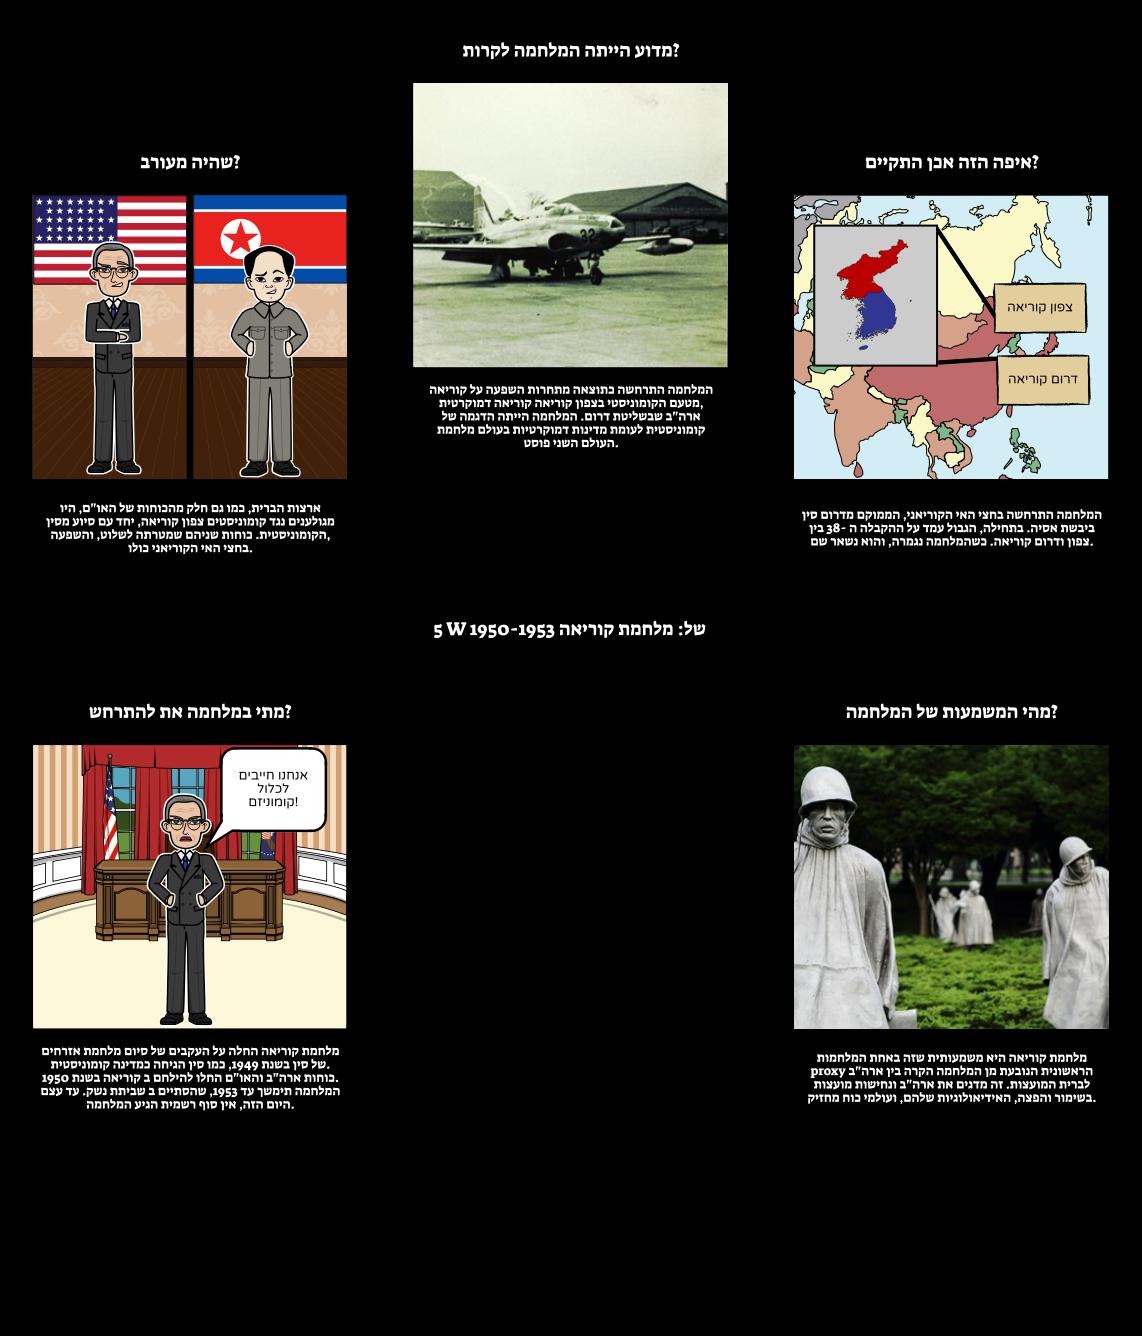 5 Ws - המלחמה הקרה - מלחמת קוריאה: 1950-1953